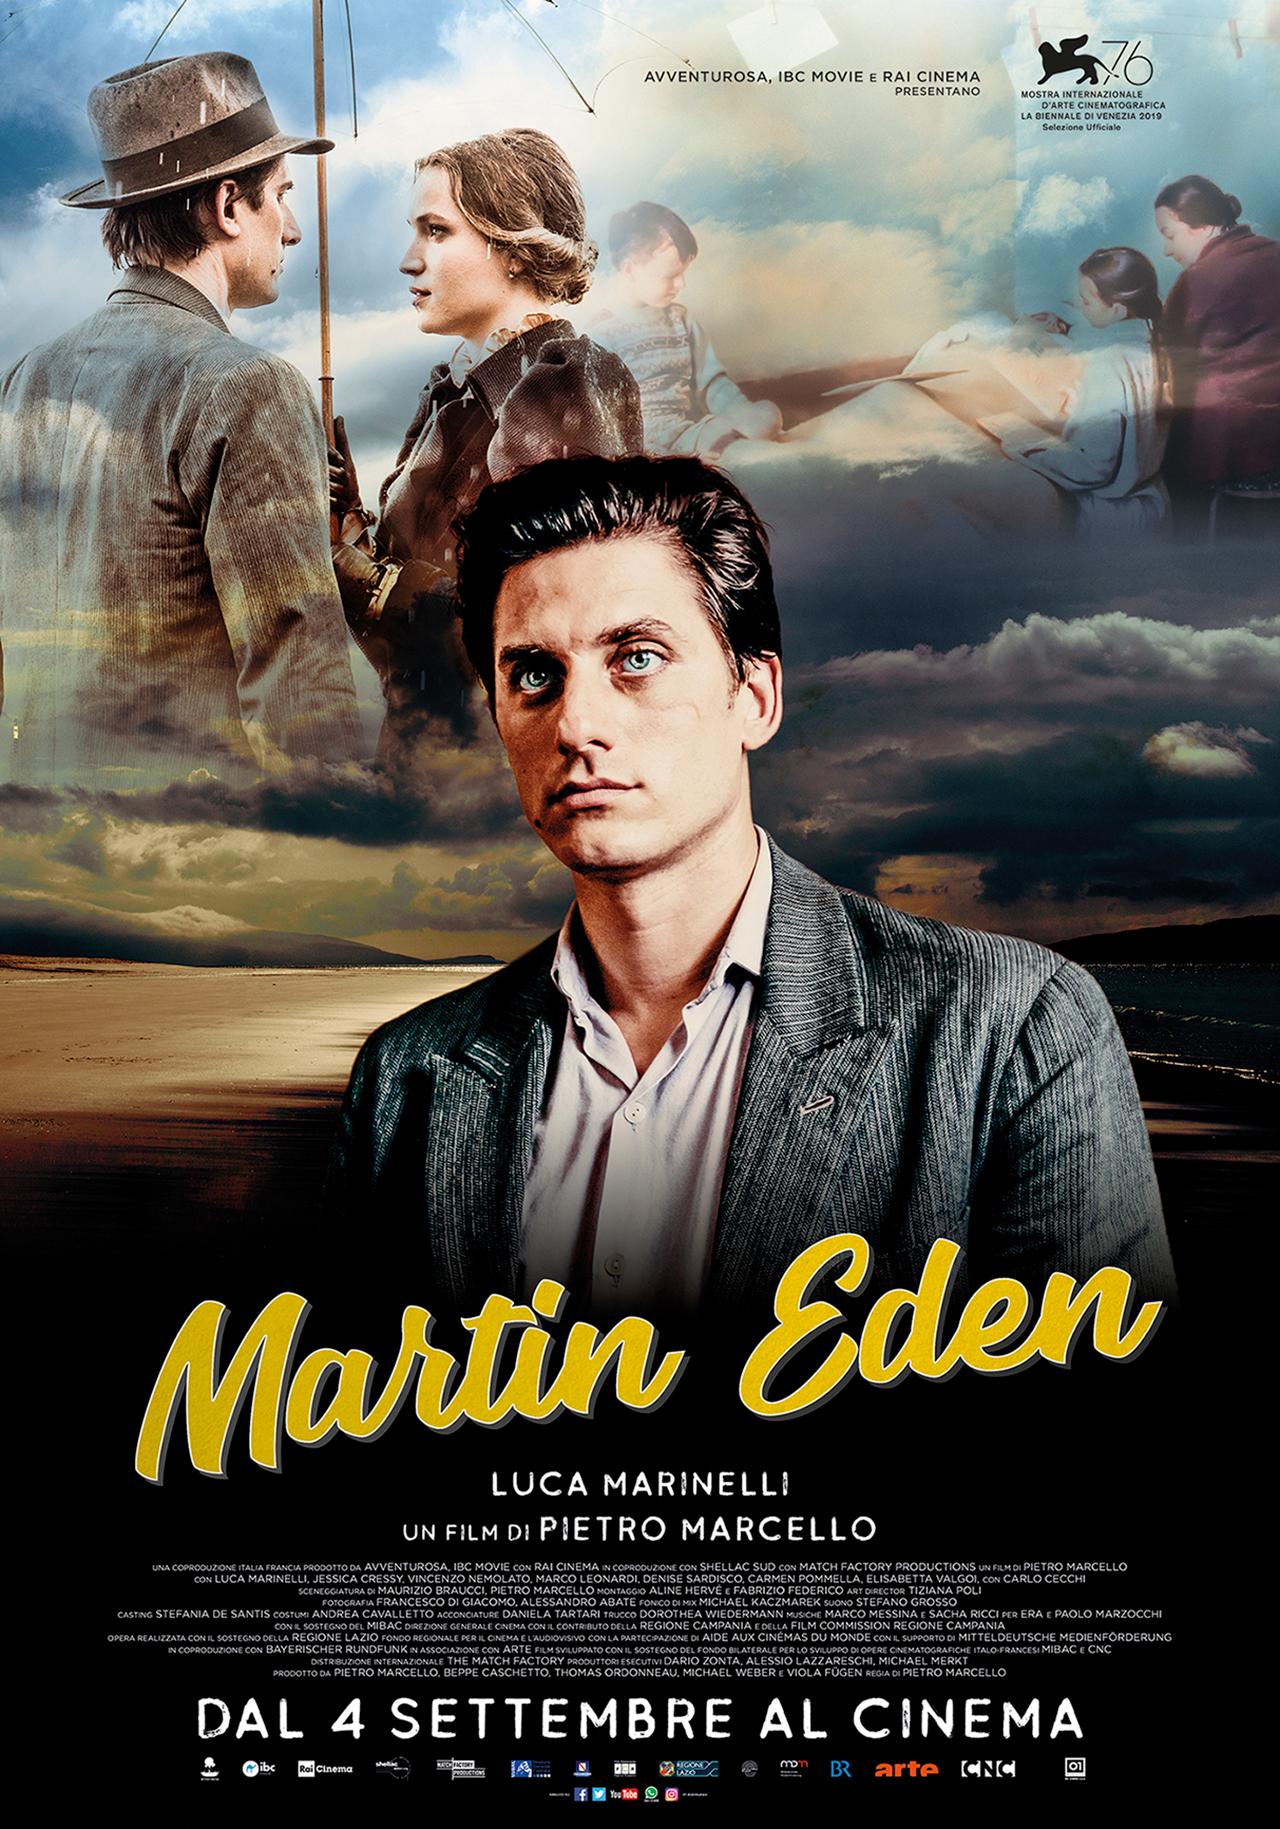 In foto Luca Marinelli (35 anni) Dall'articolo: Martin Eden, il poster ufficiale del film con Luca Marinelli.